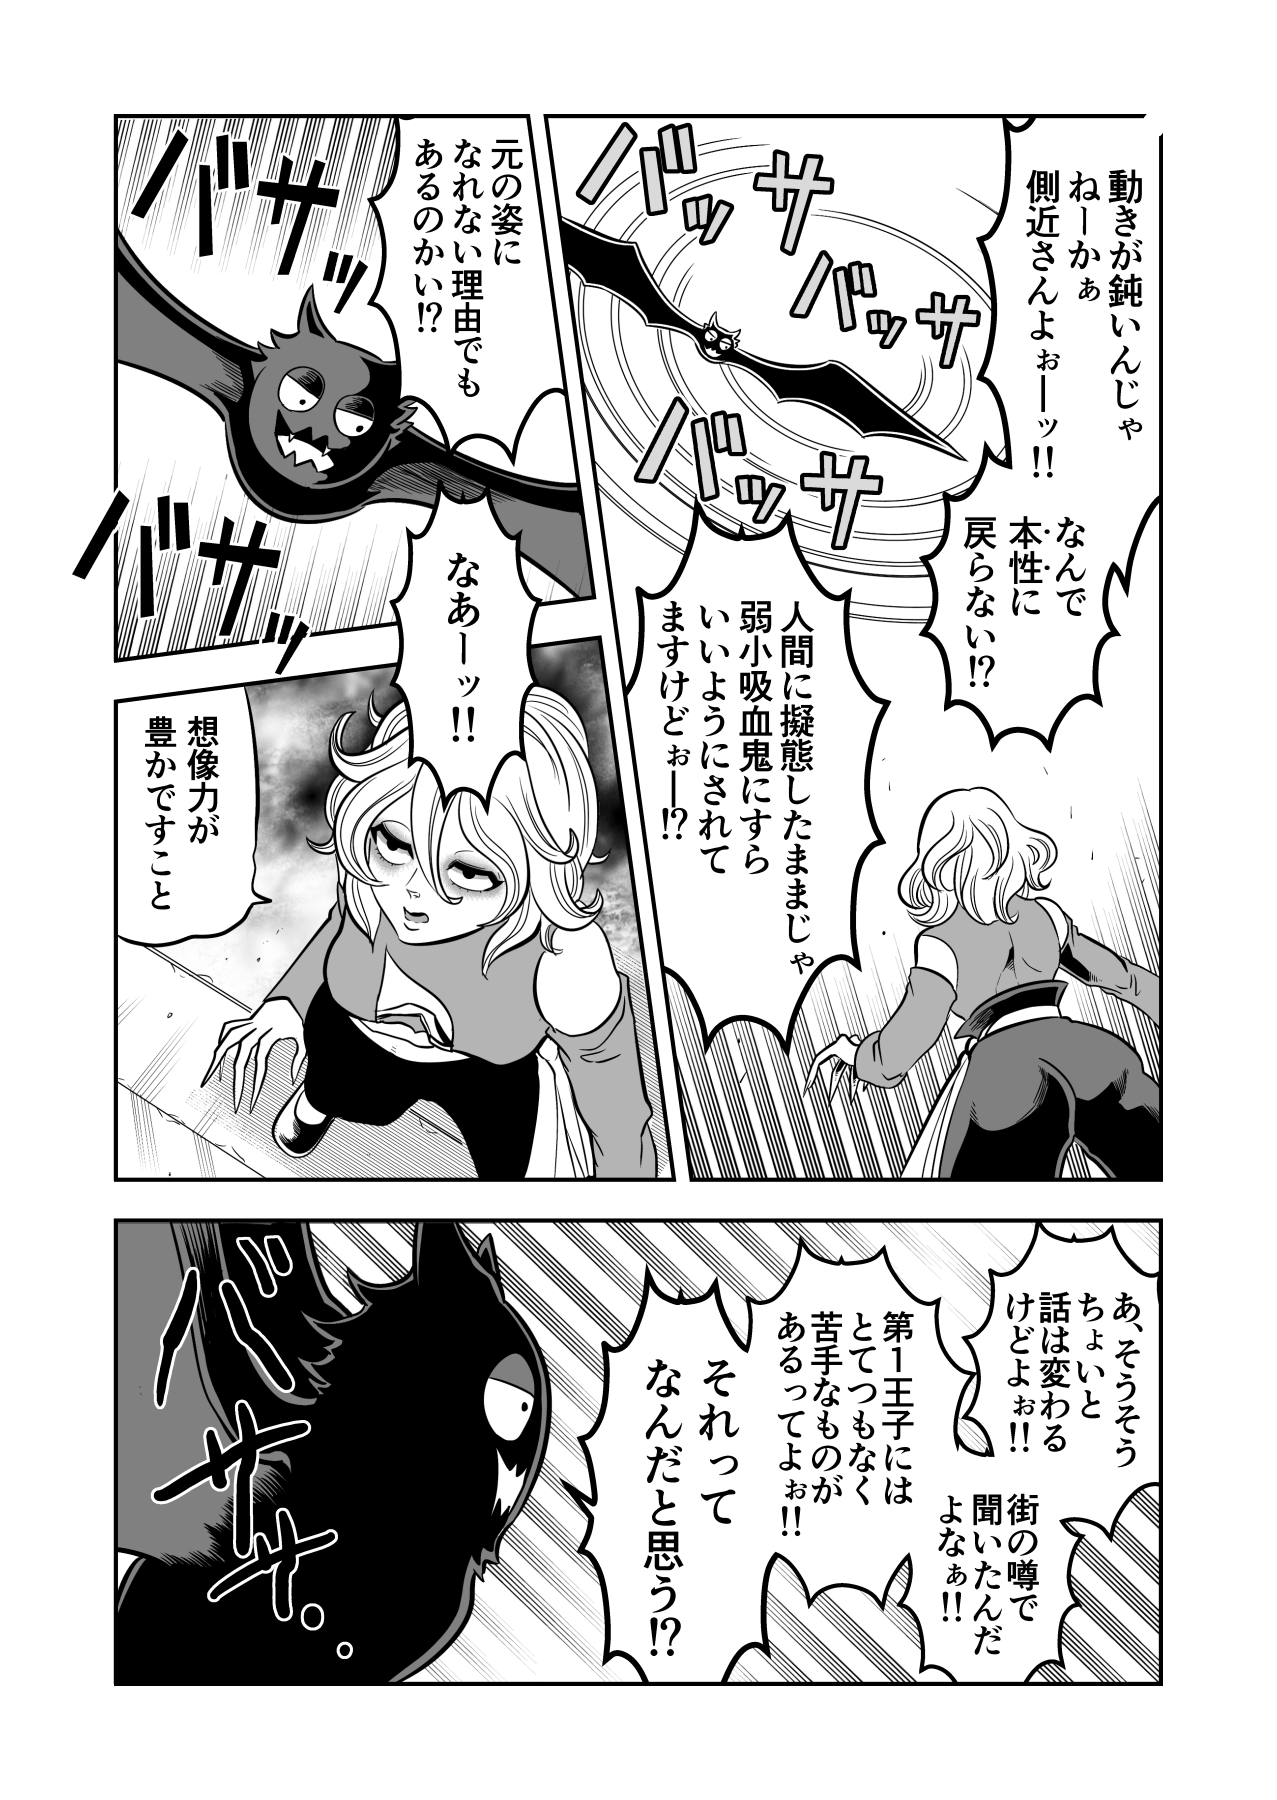 ヤサグレ魔女と第1王子と吸血鬼⑬ (7)-min